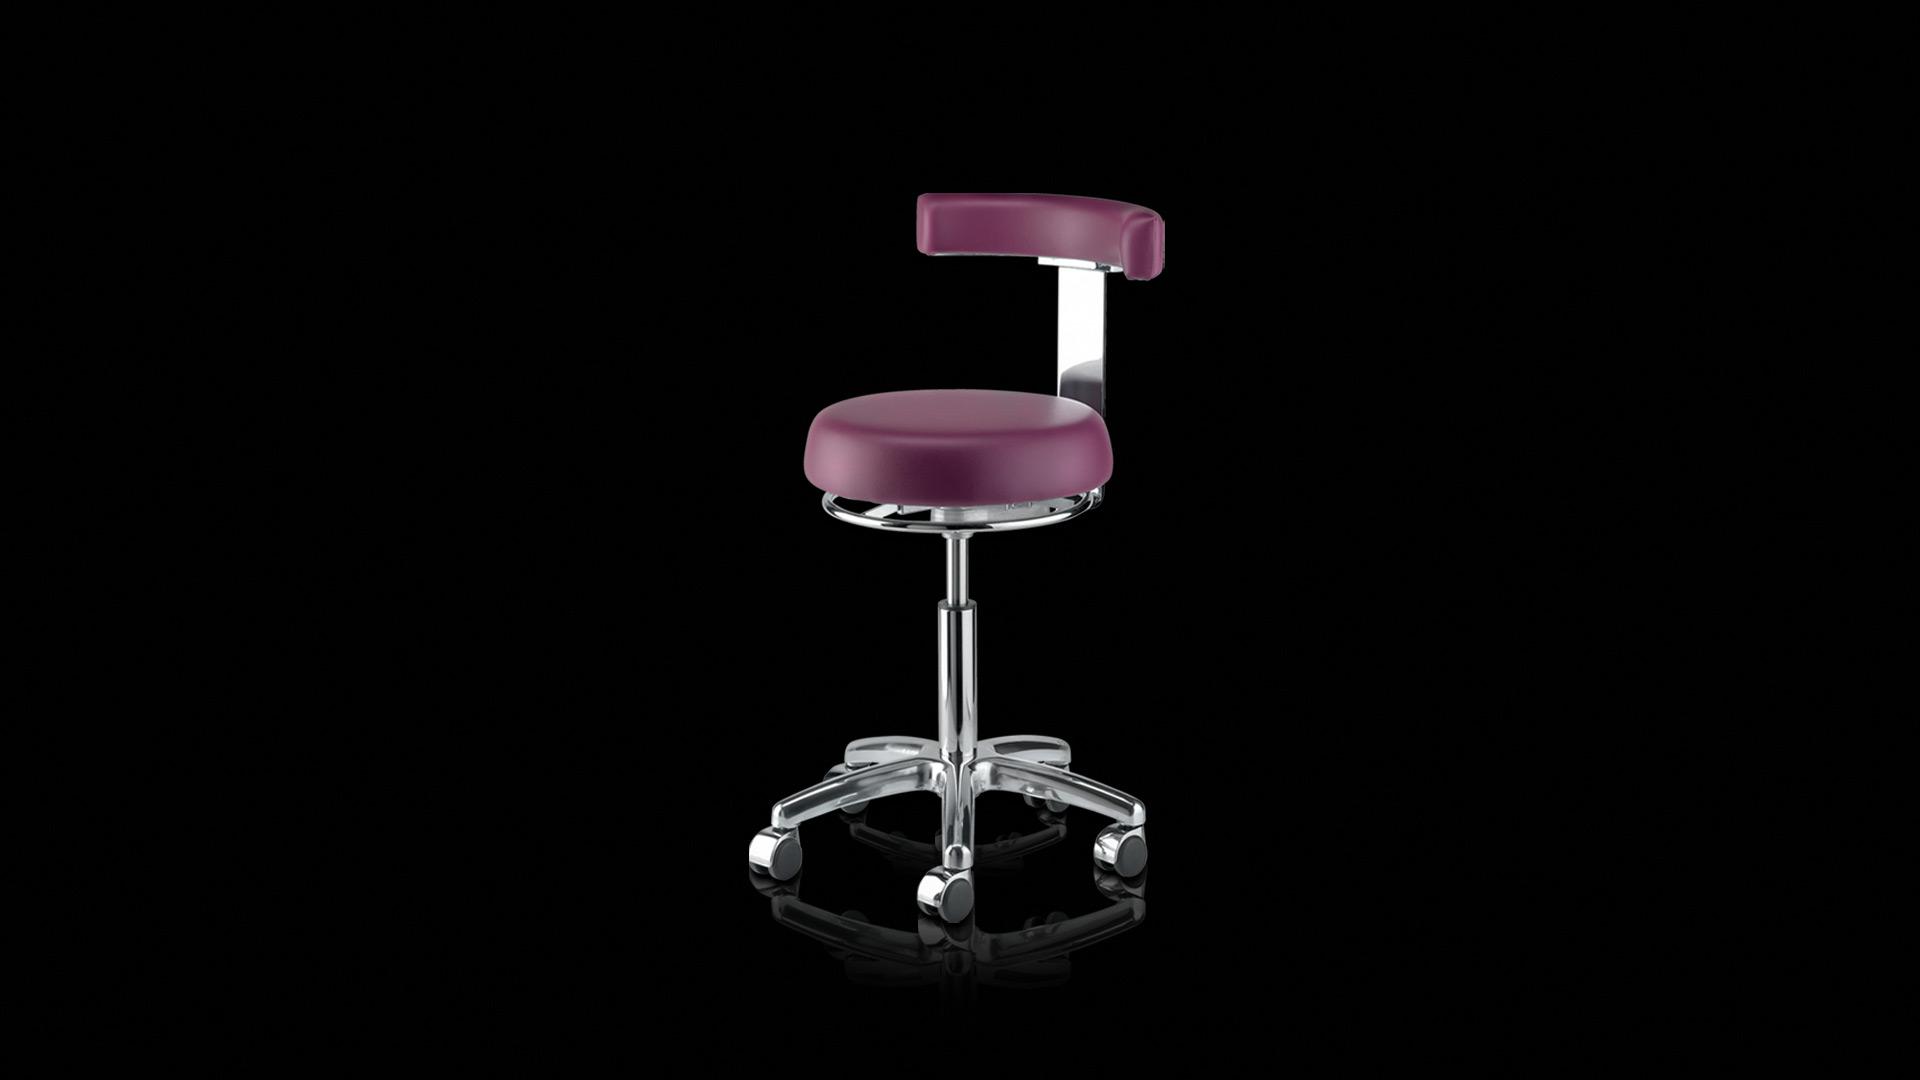 seggiolino viola - violet stool